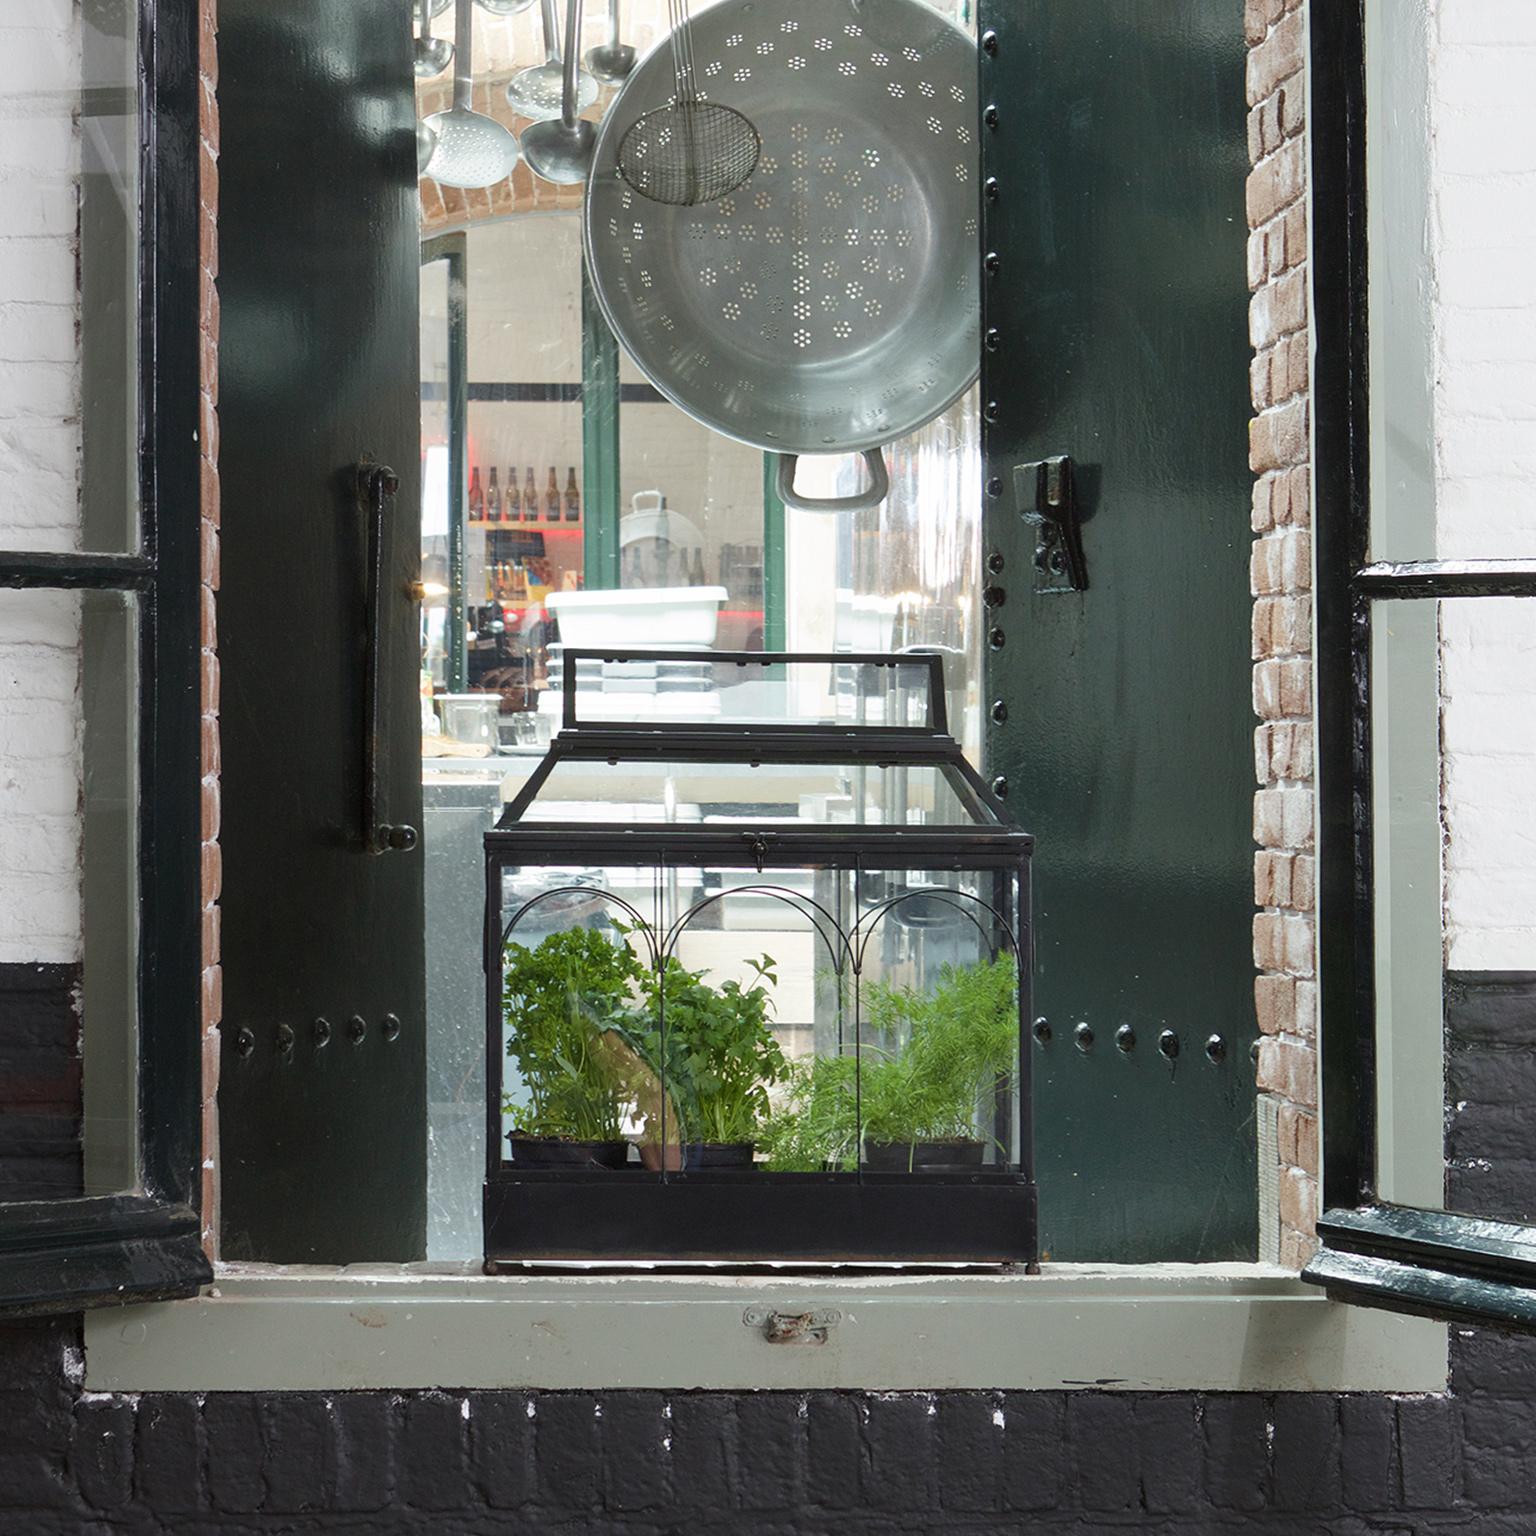 Woonaccessoires BePureHome voordeel Decoratie vanaf 50 Euro gratis thuis bezorgd in Nederland en Belgie